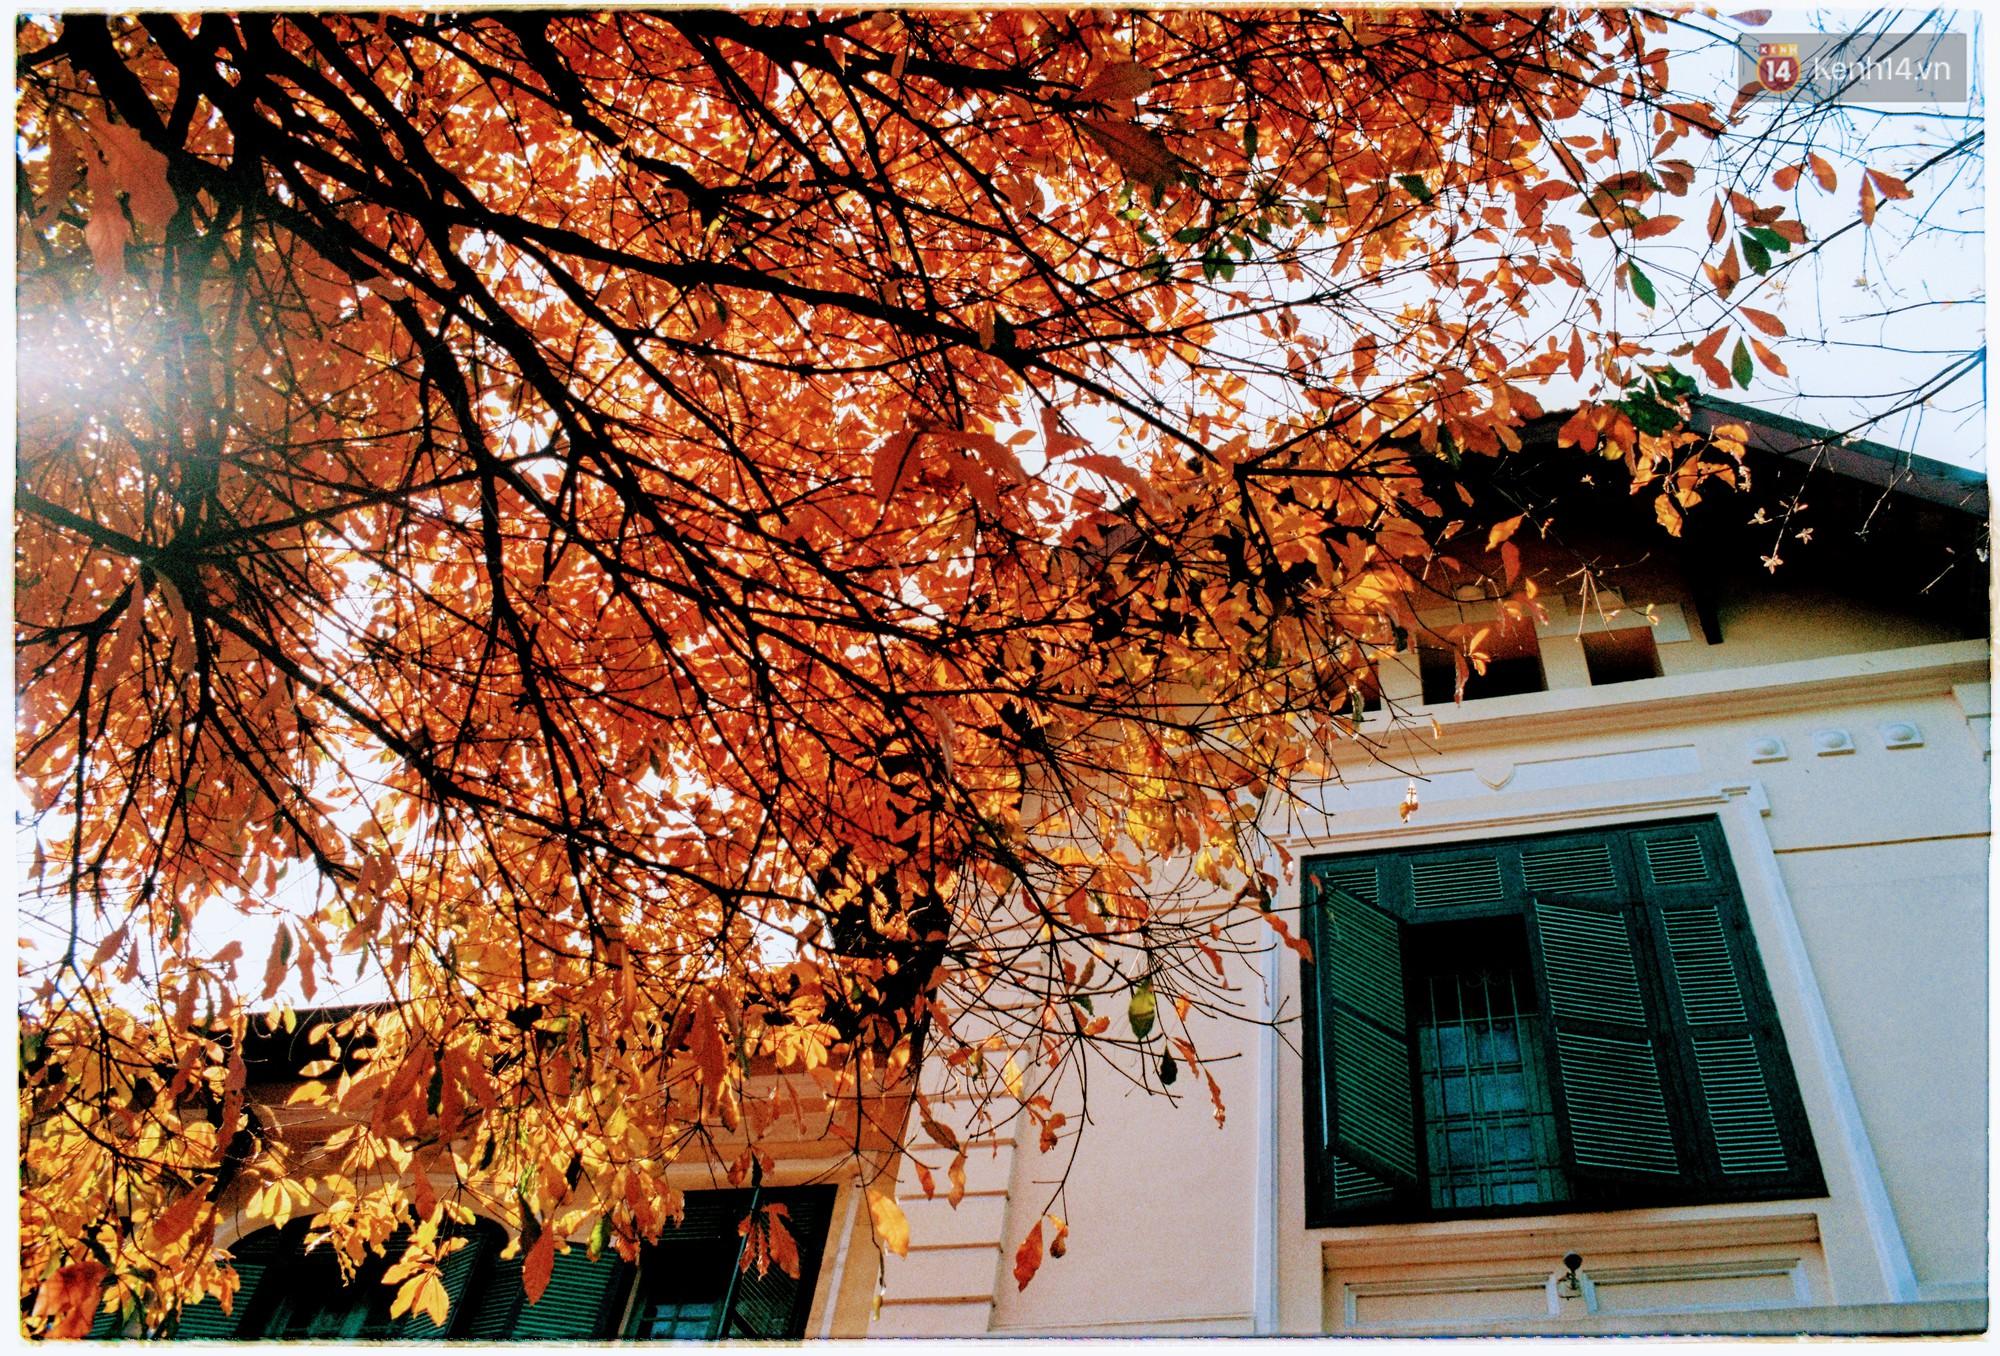 Hà Nội những ngày se lạnh, nắng đẹp và lá đỏ rợp góc phố -